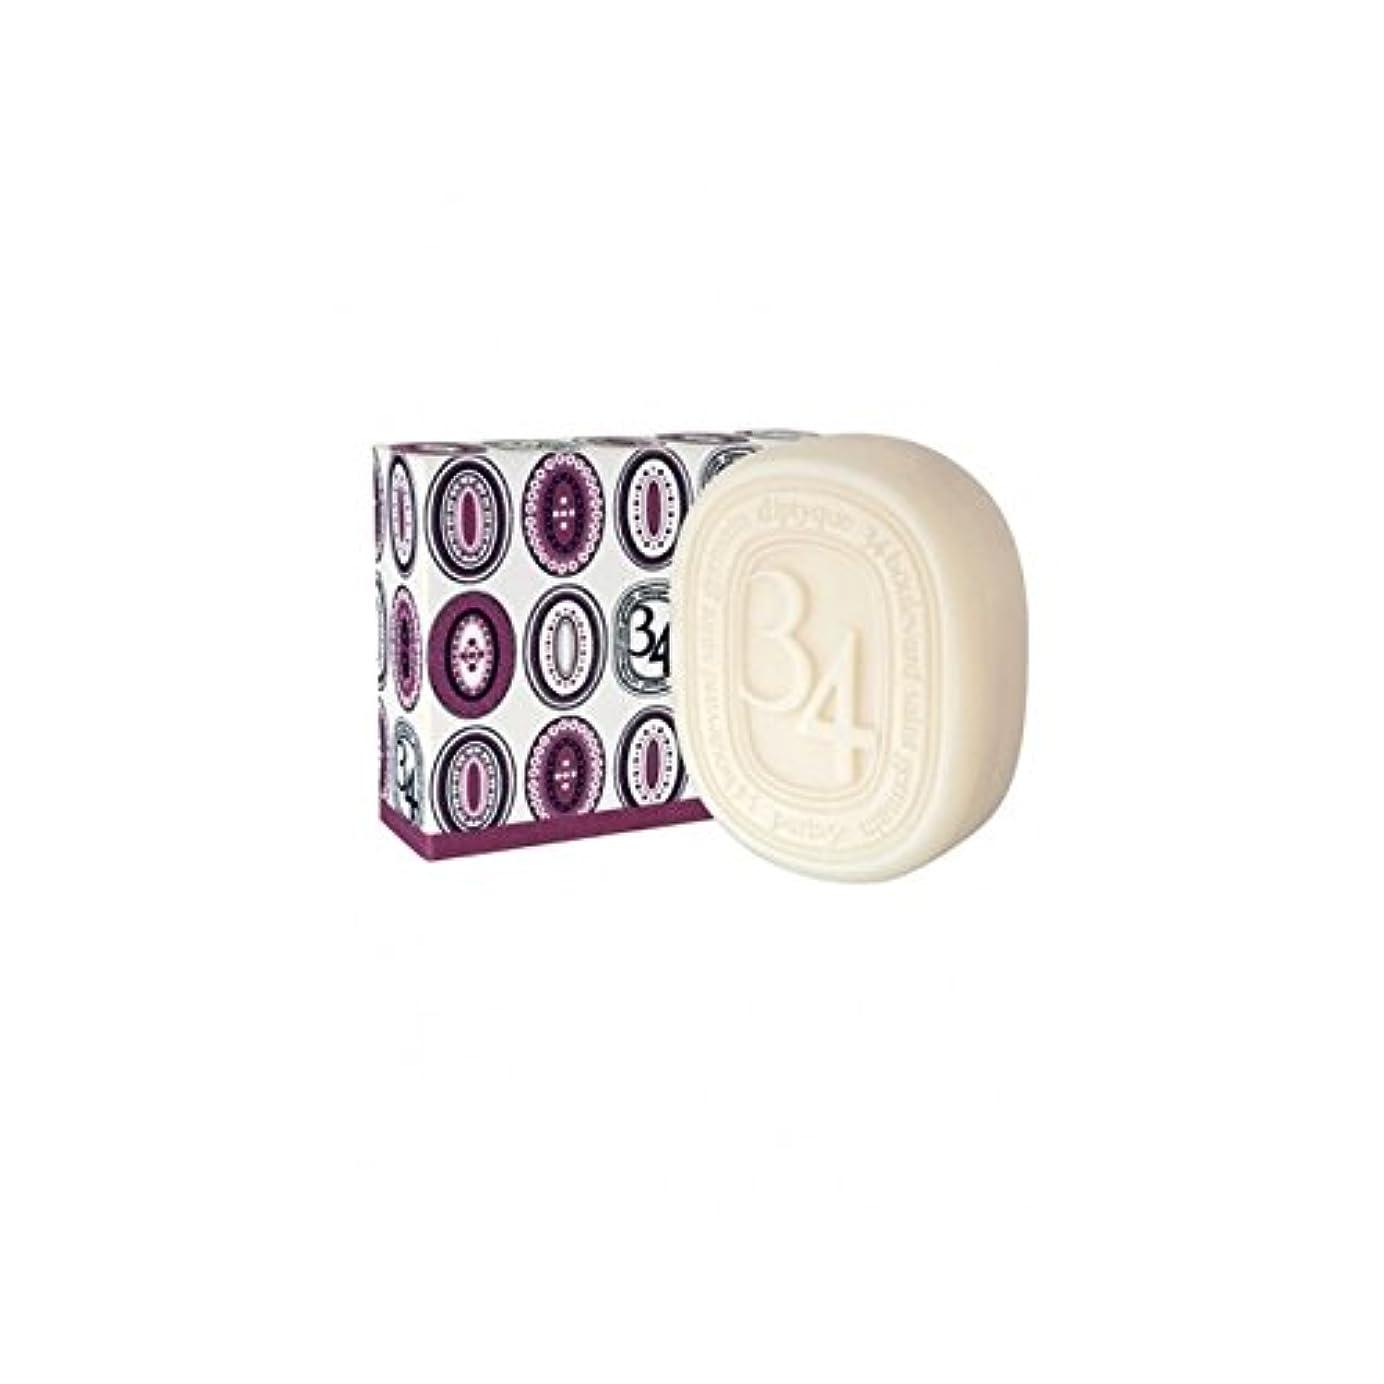 縫うアドバイス粘液Diptyqueコレクション34大通りサンジェルマン石鹸100グラム - Diptyque Collection 34 Boulevard Saint Germain Soap 100g (Diptyque) [並行輸入品]